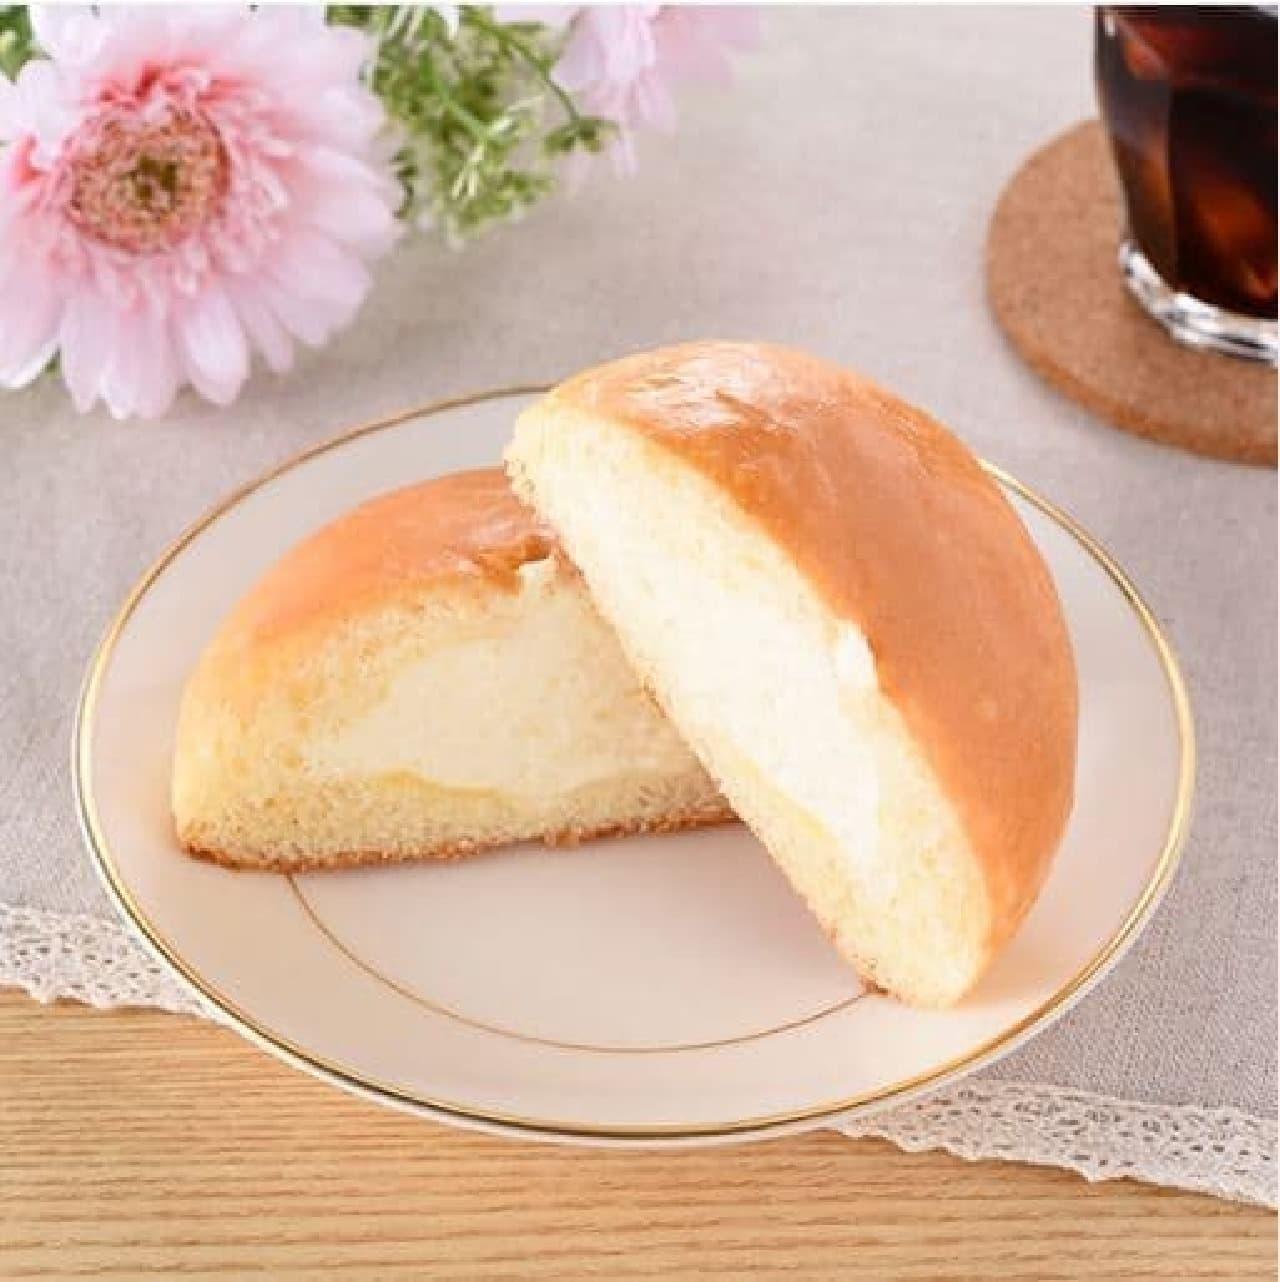 ファミリーマート「冷やして食べるこだわりなめらかクリームパン」